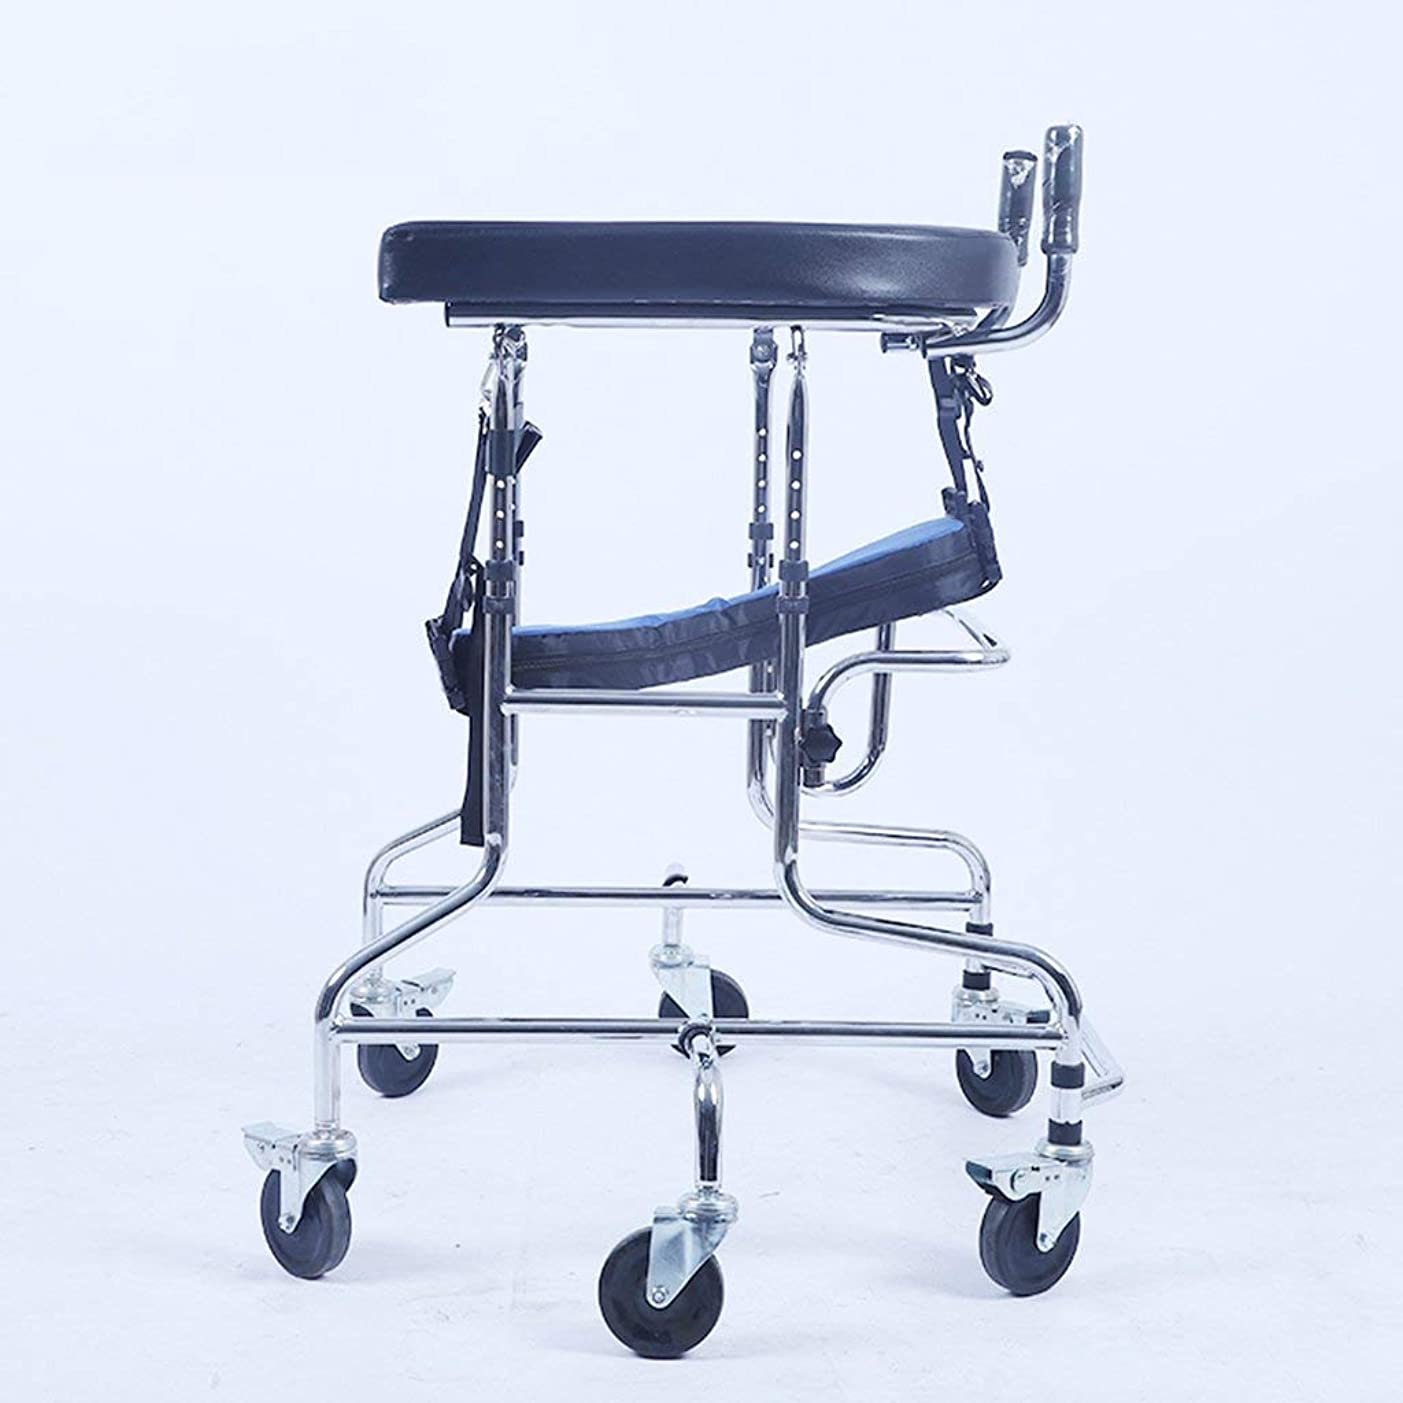 敵対的キャンセルロードハウス子供下肢トレーニング?リハビリ機器/リハビリ機器/スタンディングウォークスタンド/ウォークエイド/ウォーカー/スタンドホイール付きシートホイール(サイズ:C)